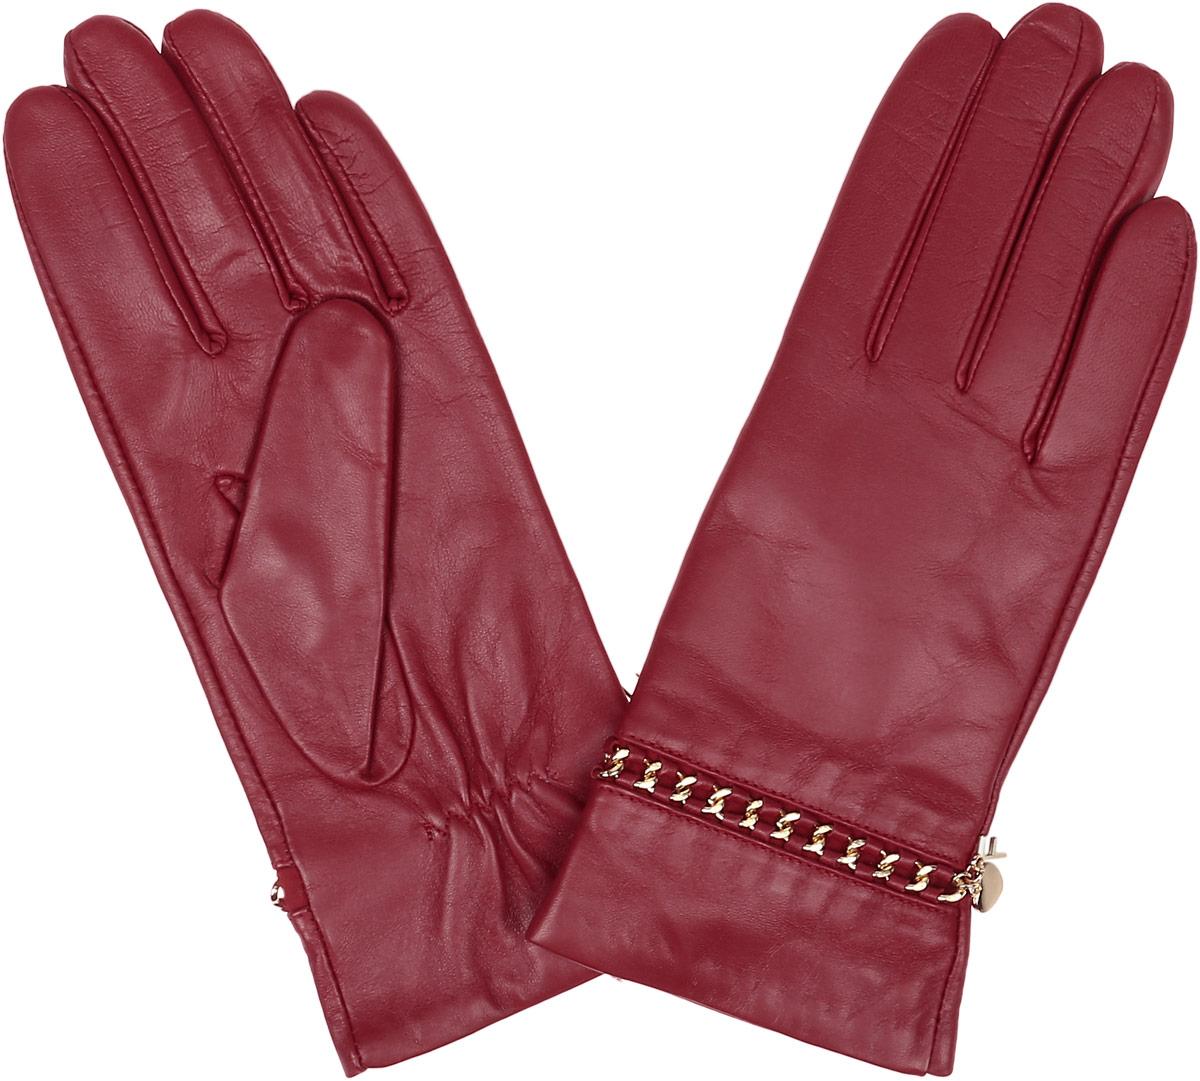 Перчатки женские Fabretti, цвет: красный. 9.87-7. Размер 6,59.87-7 redСтильные женские перчатки Fabretti не только защитят ваши руки, но и станут великолепным украшением. Перчатки выполнены из натуральной кожи ягненка, а их подкладка - из высококачественной шерсти с добавлением кашемира.Модель оформлена металлическими звеньями и дополнена на запястье оригинальными строчками-стежками. Стильный аксессуар для повседневного образа.